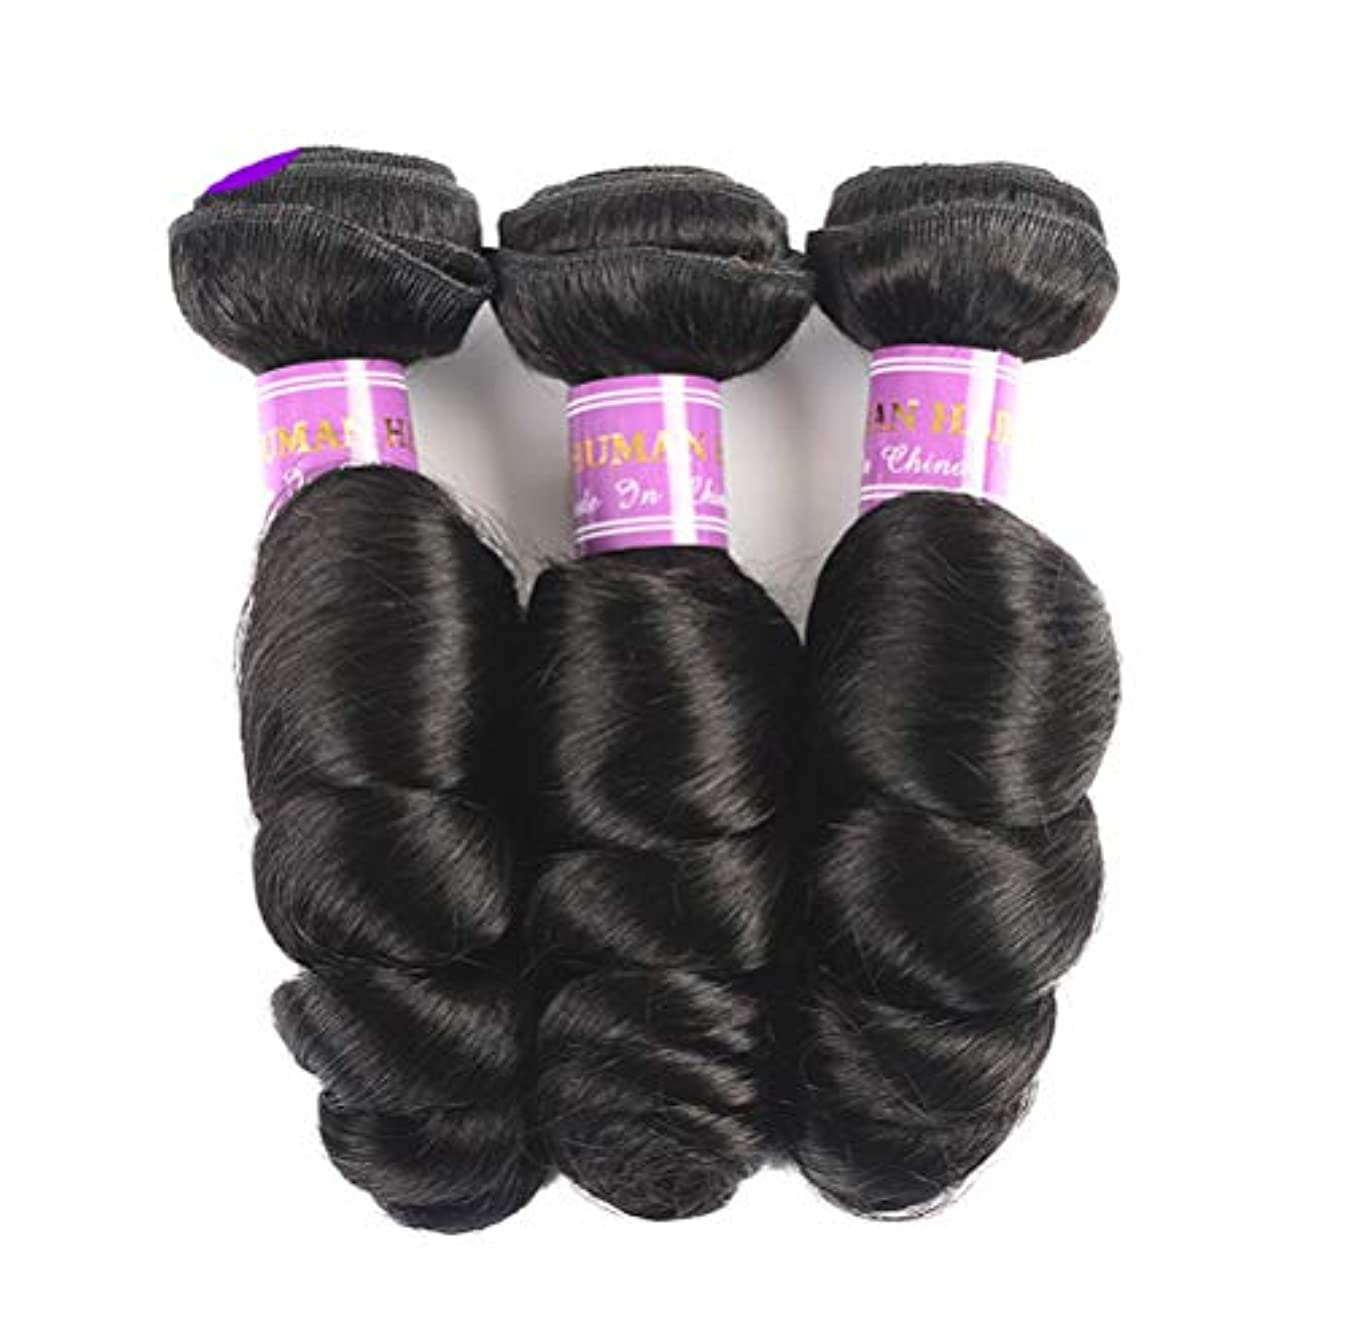 二十ビットパートナー毛織りブラジル実体波バージン毛1閉鎖なしパート100%未処理の人間の髪の毛のremy毛延長ナチュラルカラー100g /個